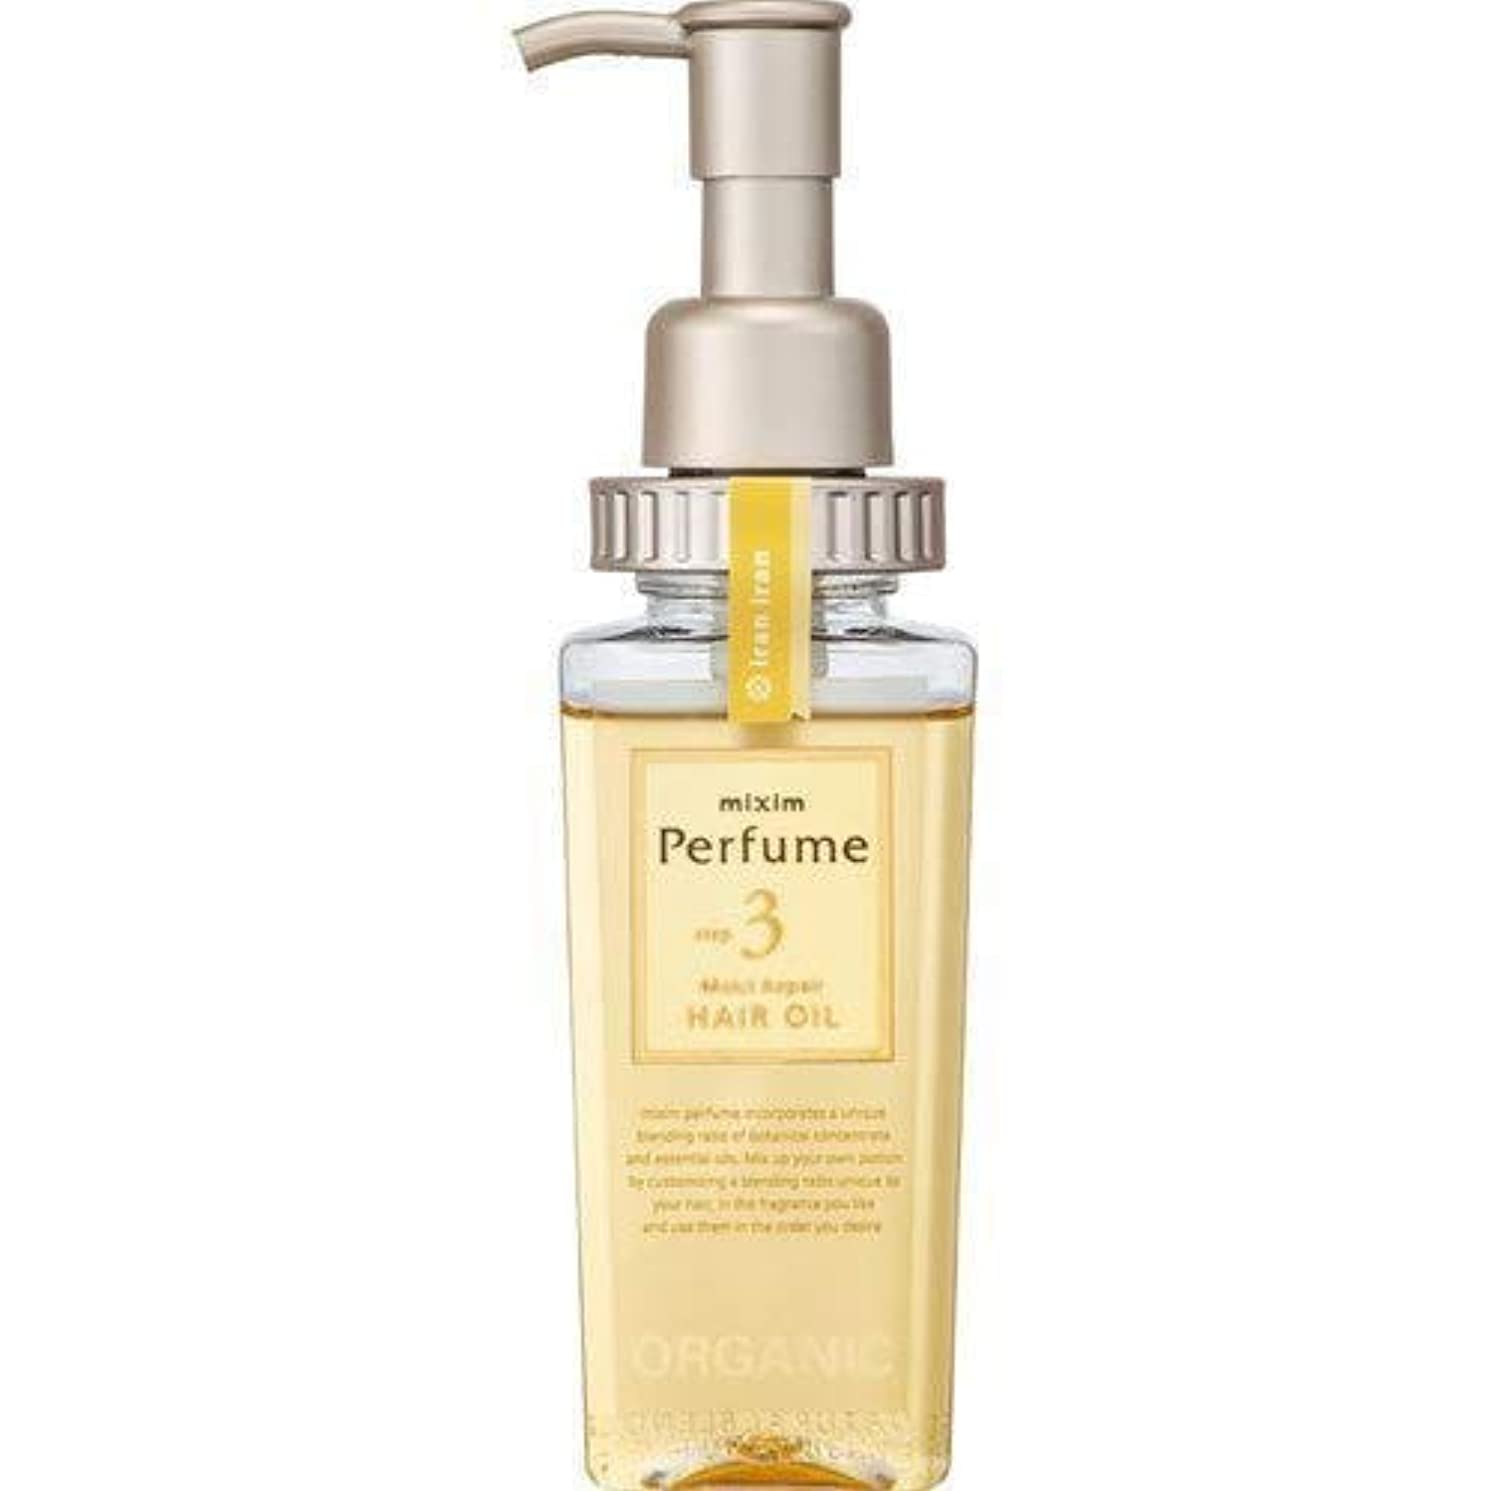 上回るヘロイン検査官mixim Perfume(ミクシムパフューム) モイストリペア ヘアオイル 100mL